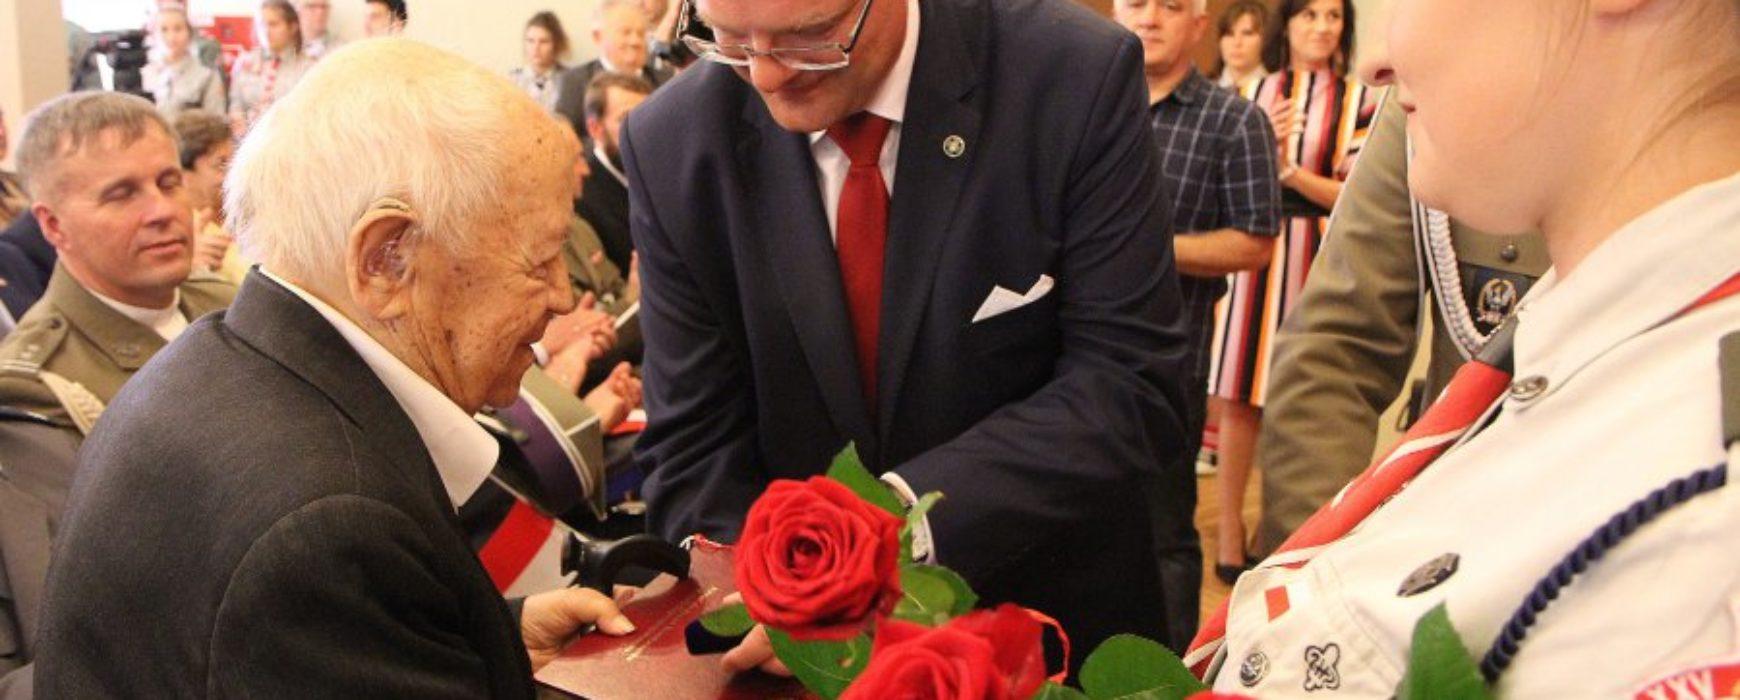 Dzień Weterana Walk oNiepodległość Rzeczypospolitej Polskiej